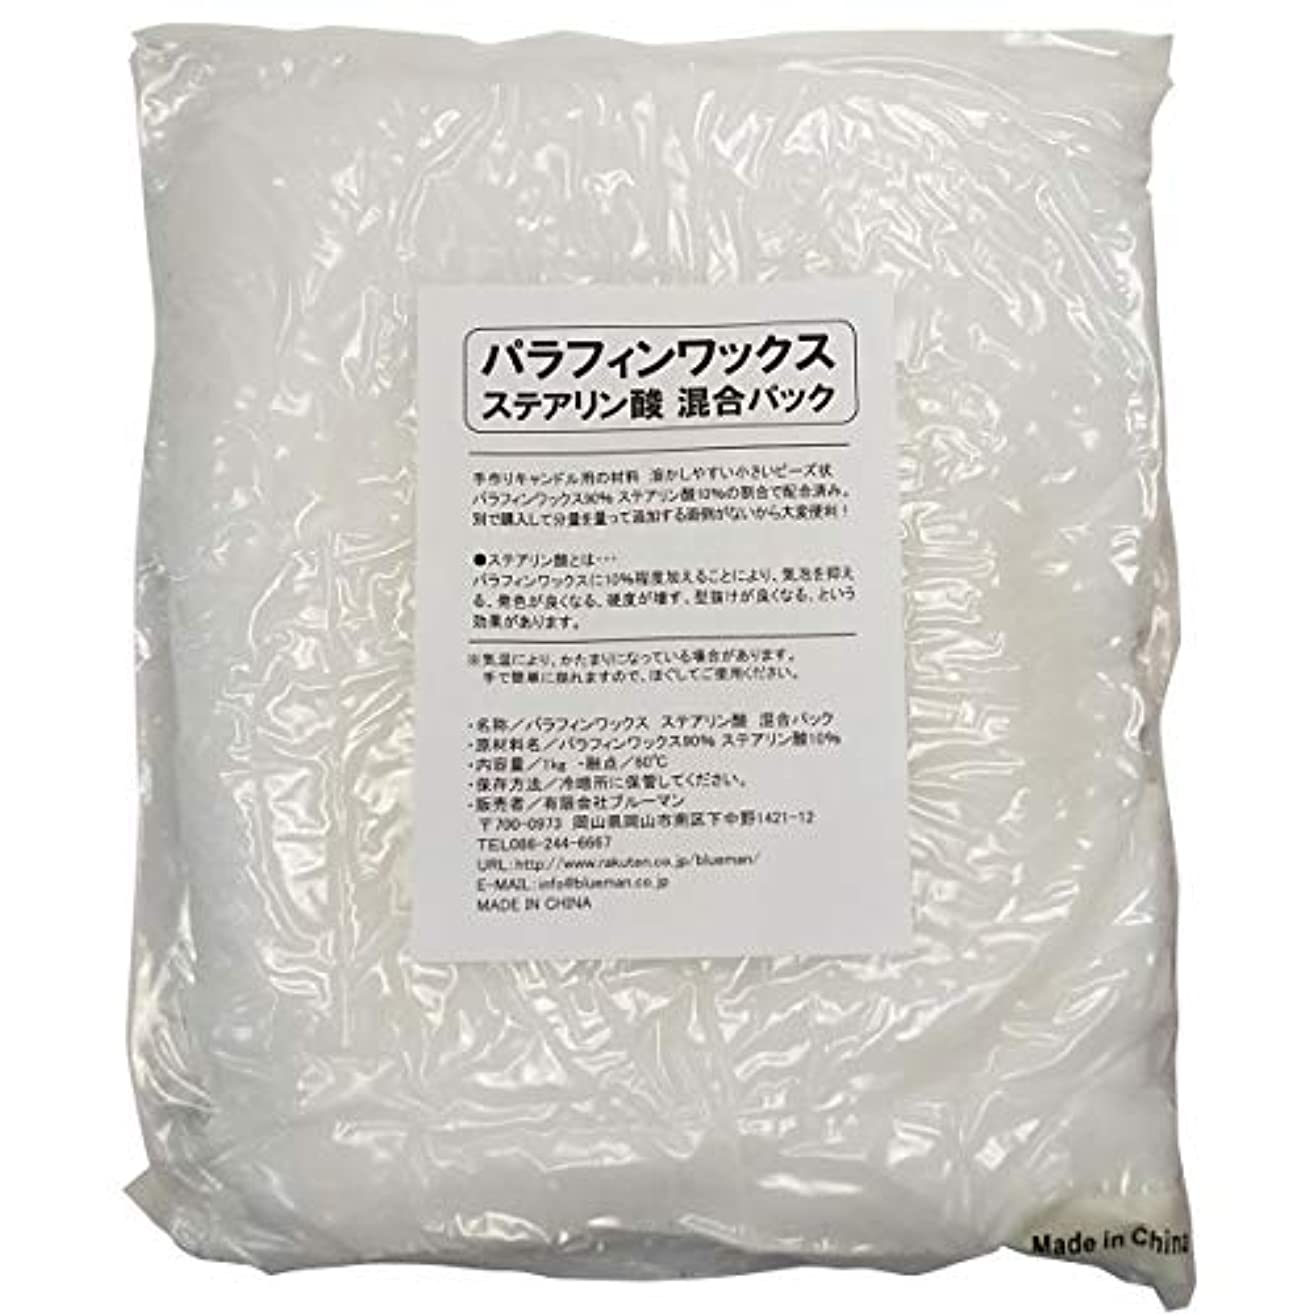 伝導蒸稼ぐパラフィンワックス ステアリン酸 混合パック 1kg 手作りキャンドル 材料 1キロ アロマワックスサシェ